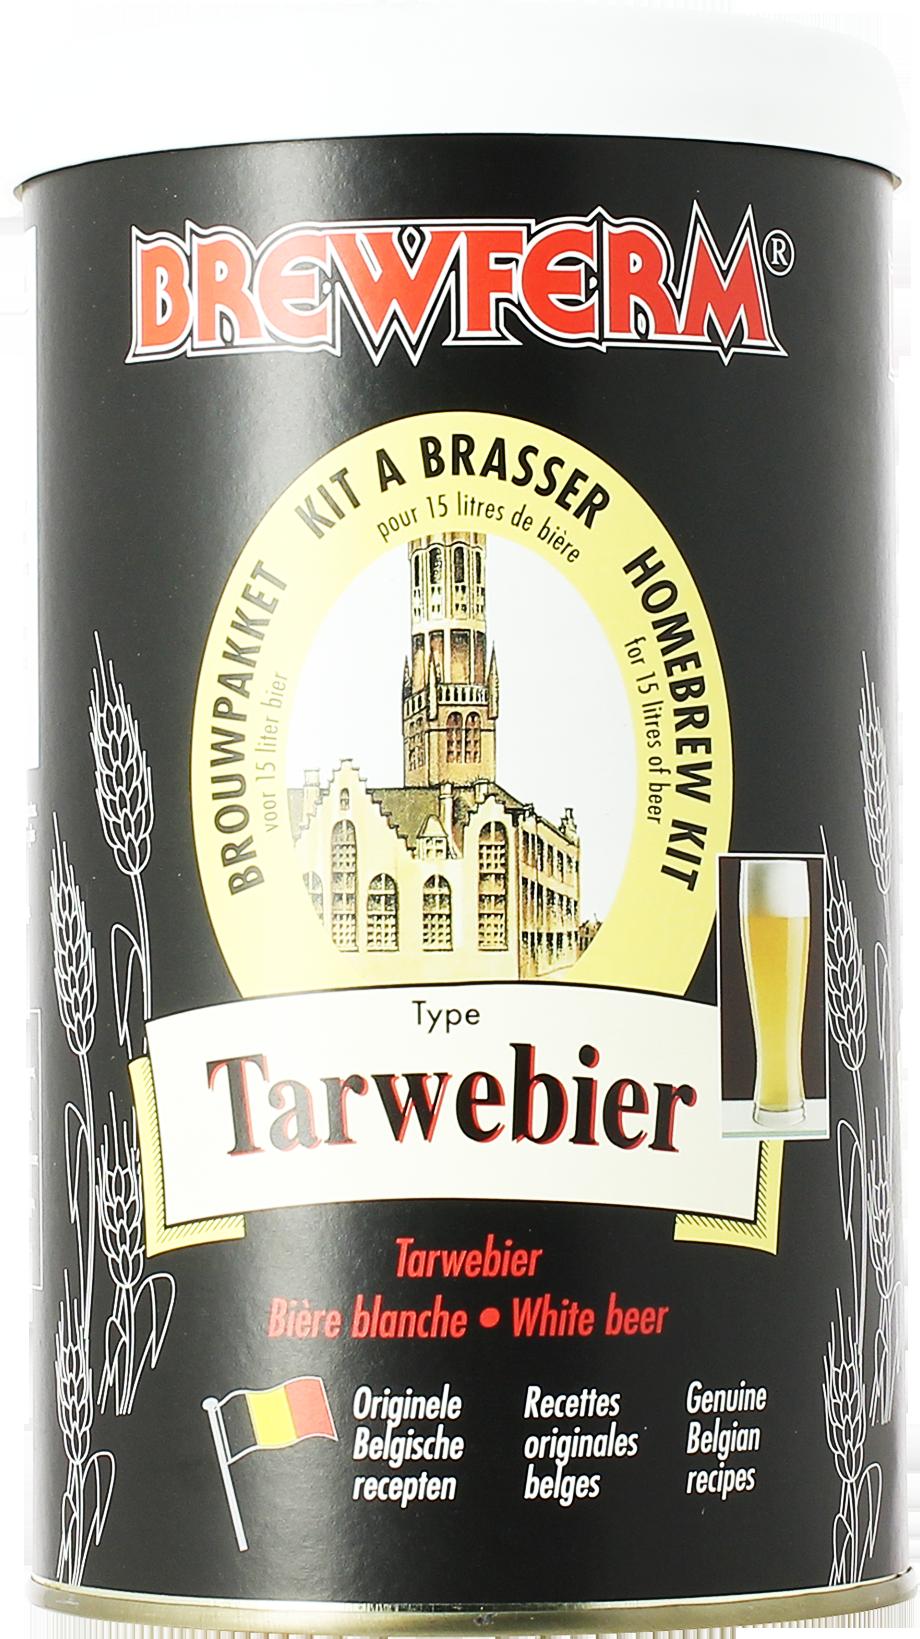 Kit de elaboración de cerveza blanca - Brewferm